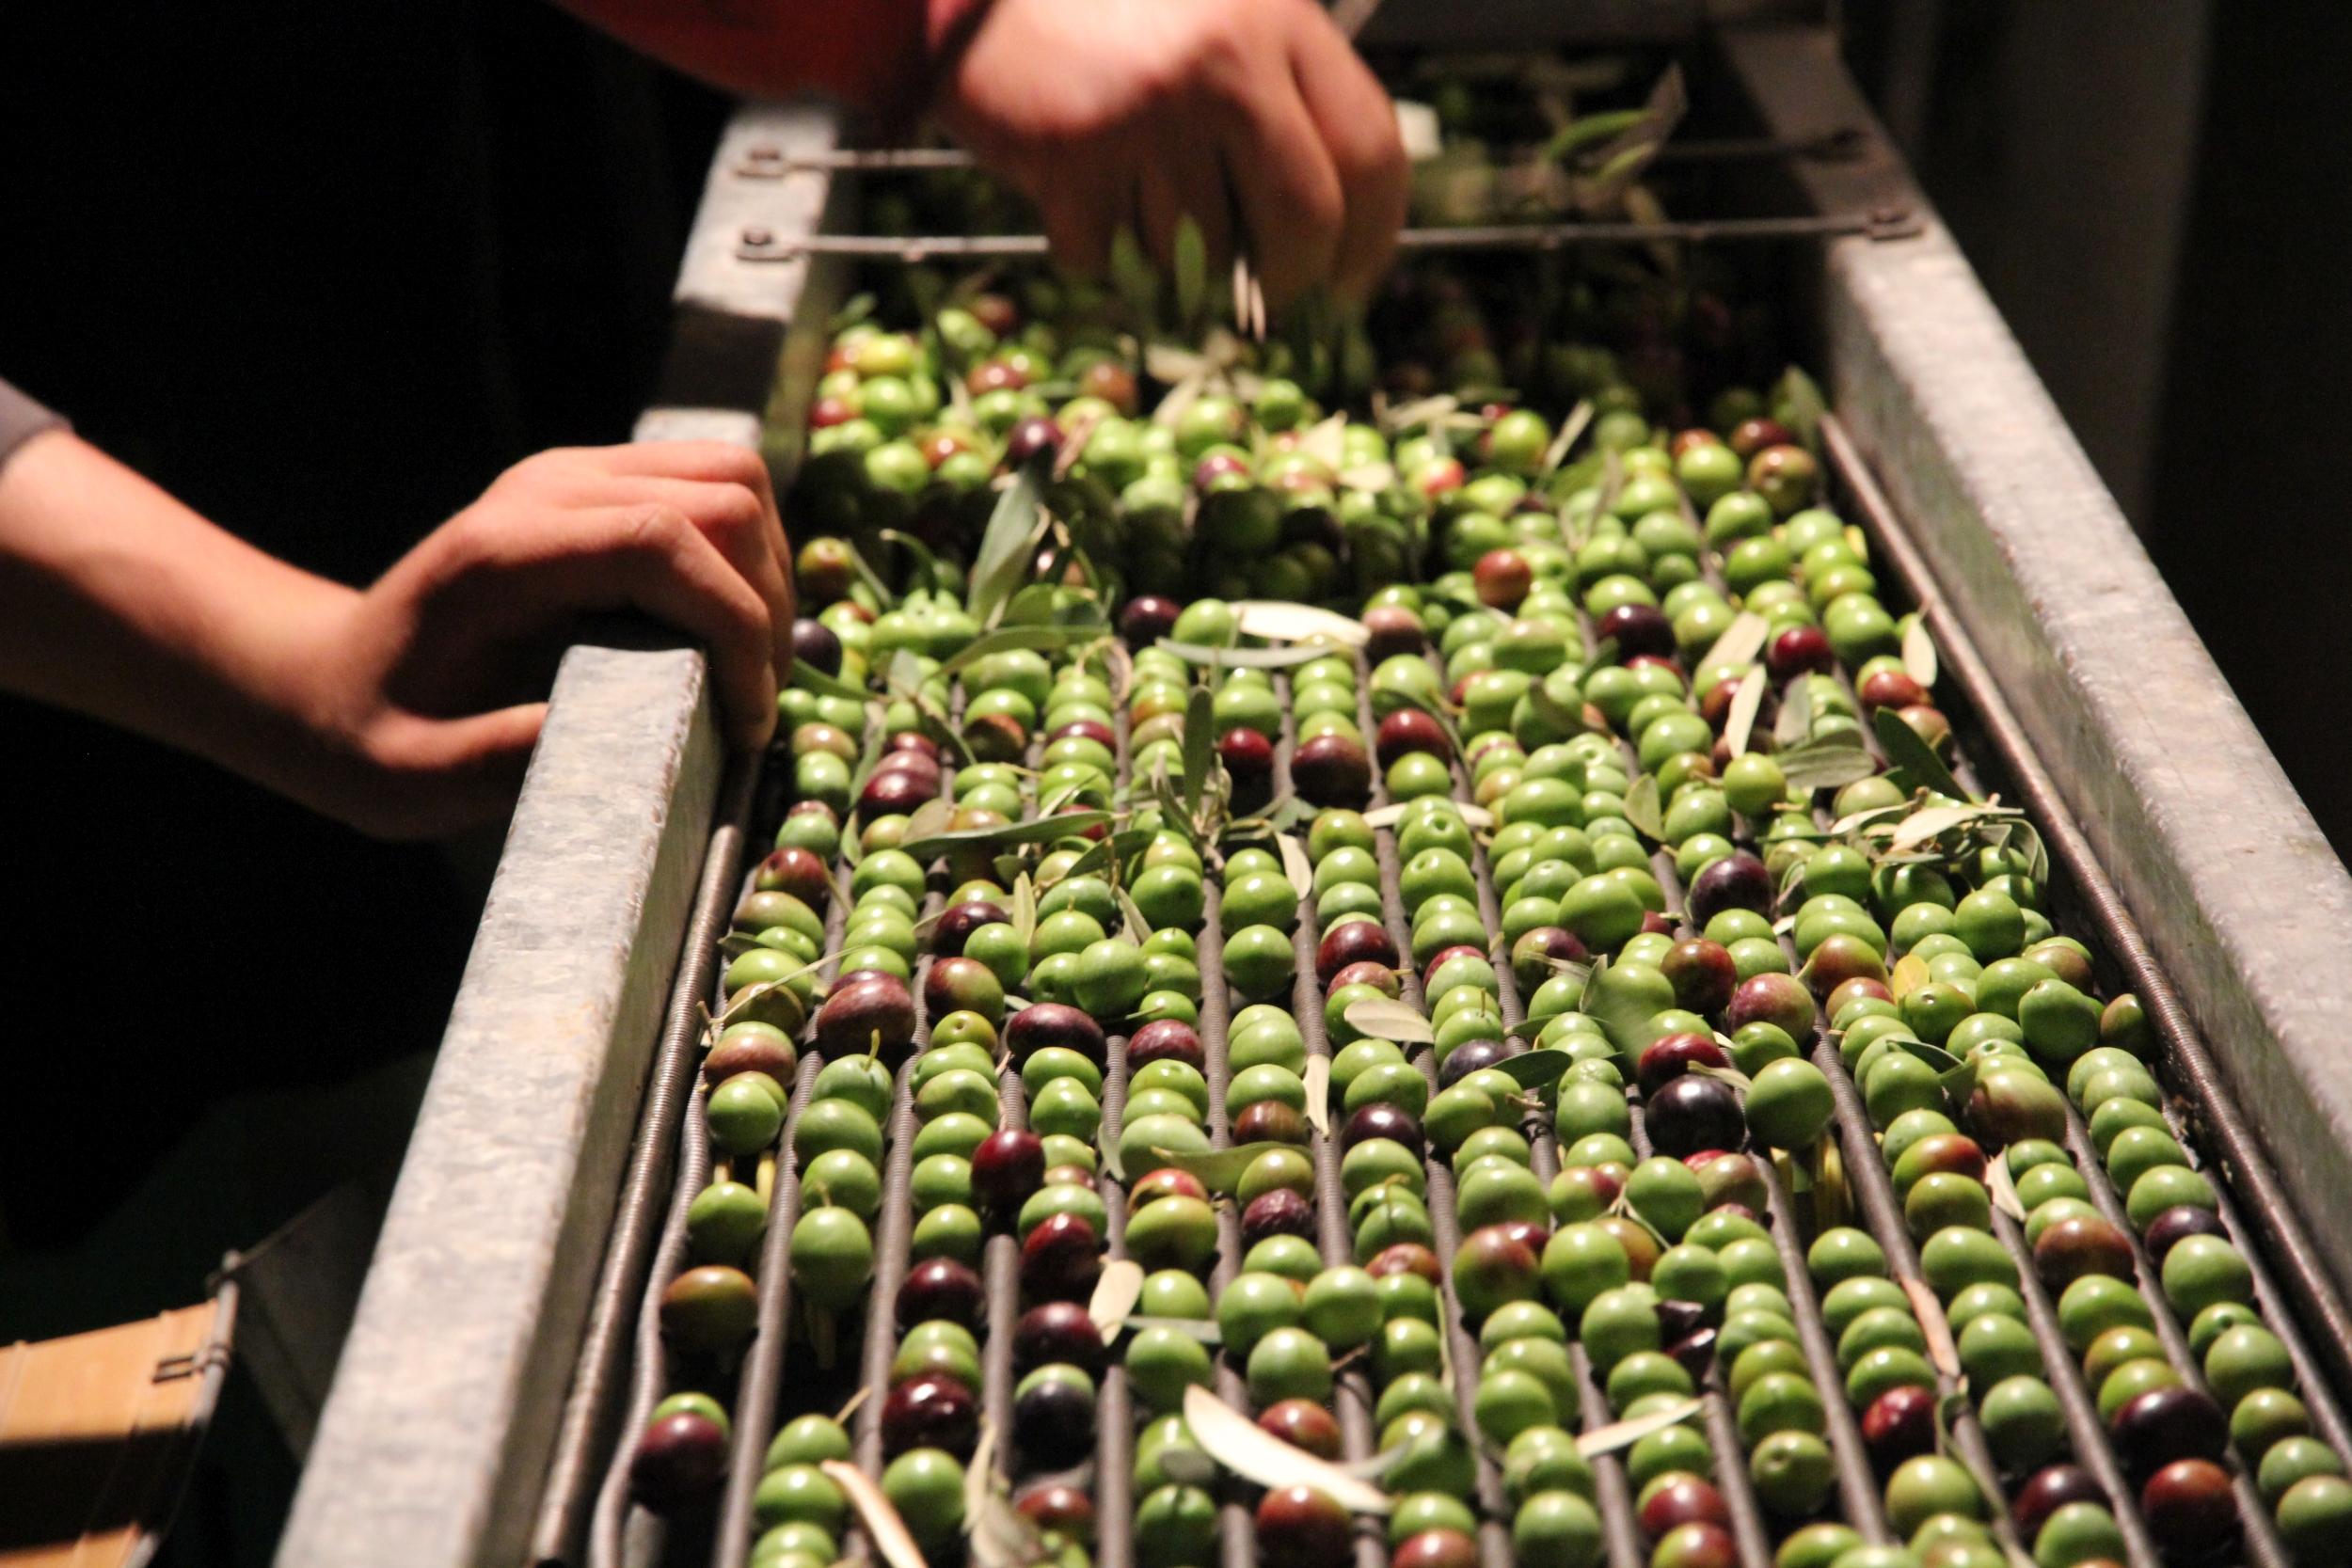 Wir sortieren die Oliven zusätzlich